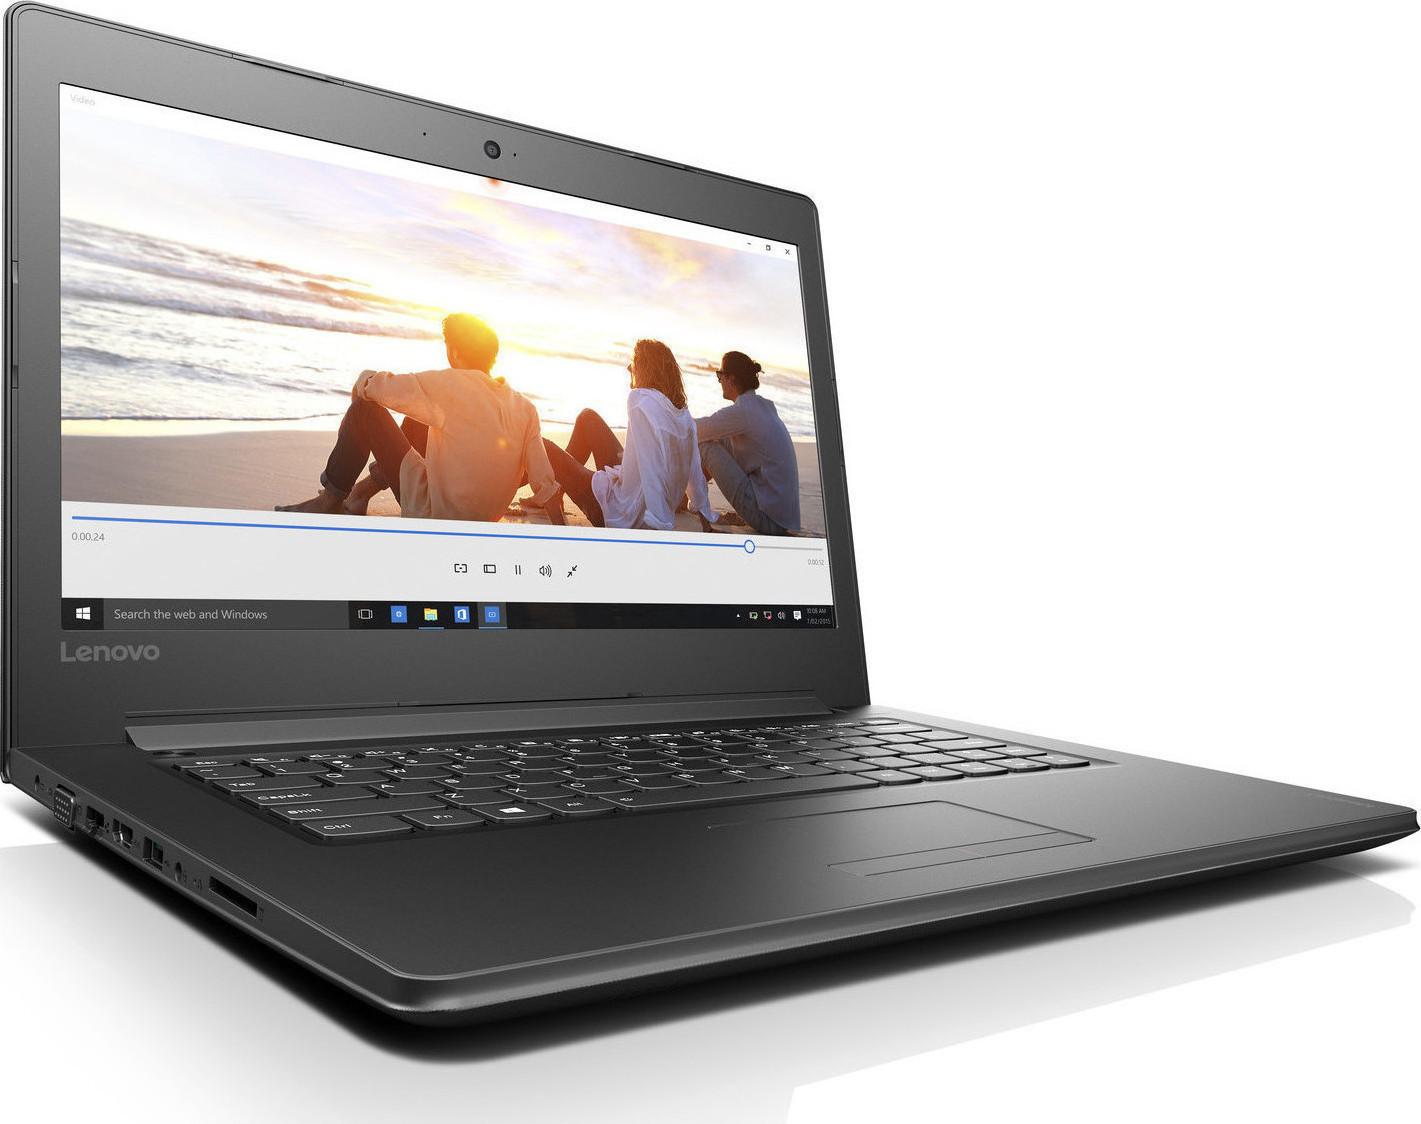 Ноутбук Lenovo ThinkPad X270 обеспечит неменее 20 часов автономной работы